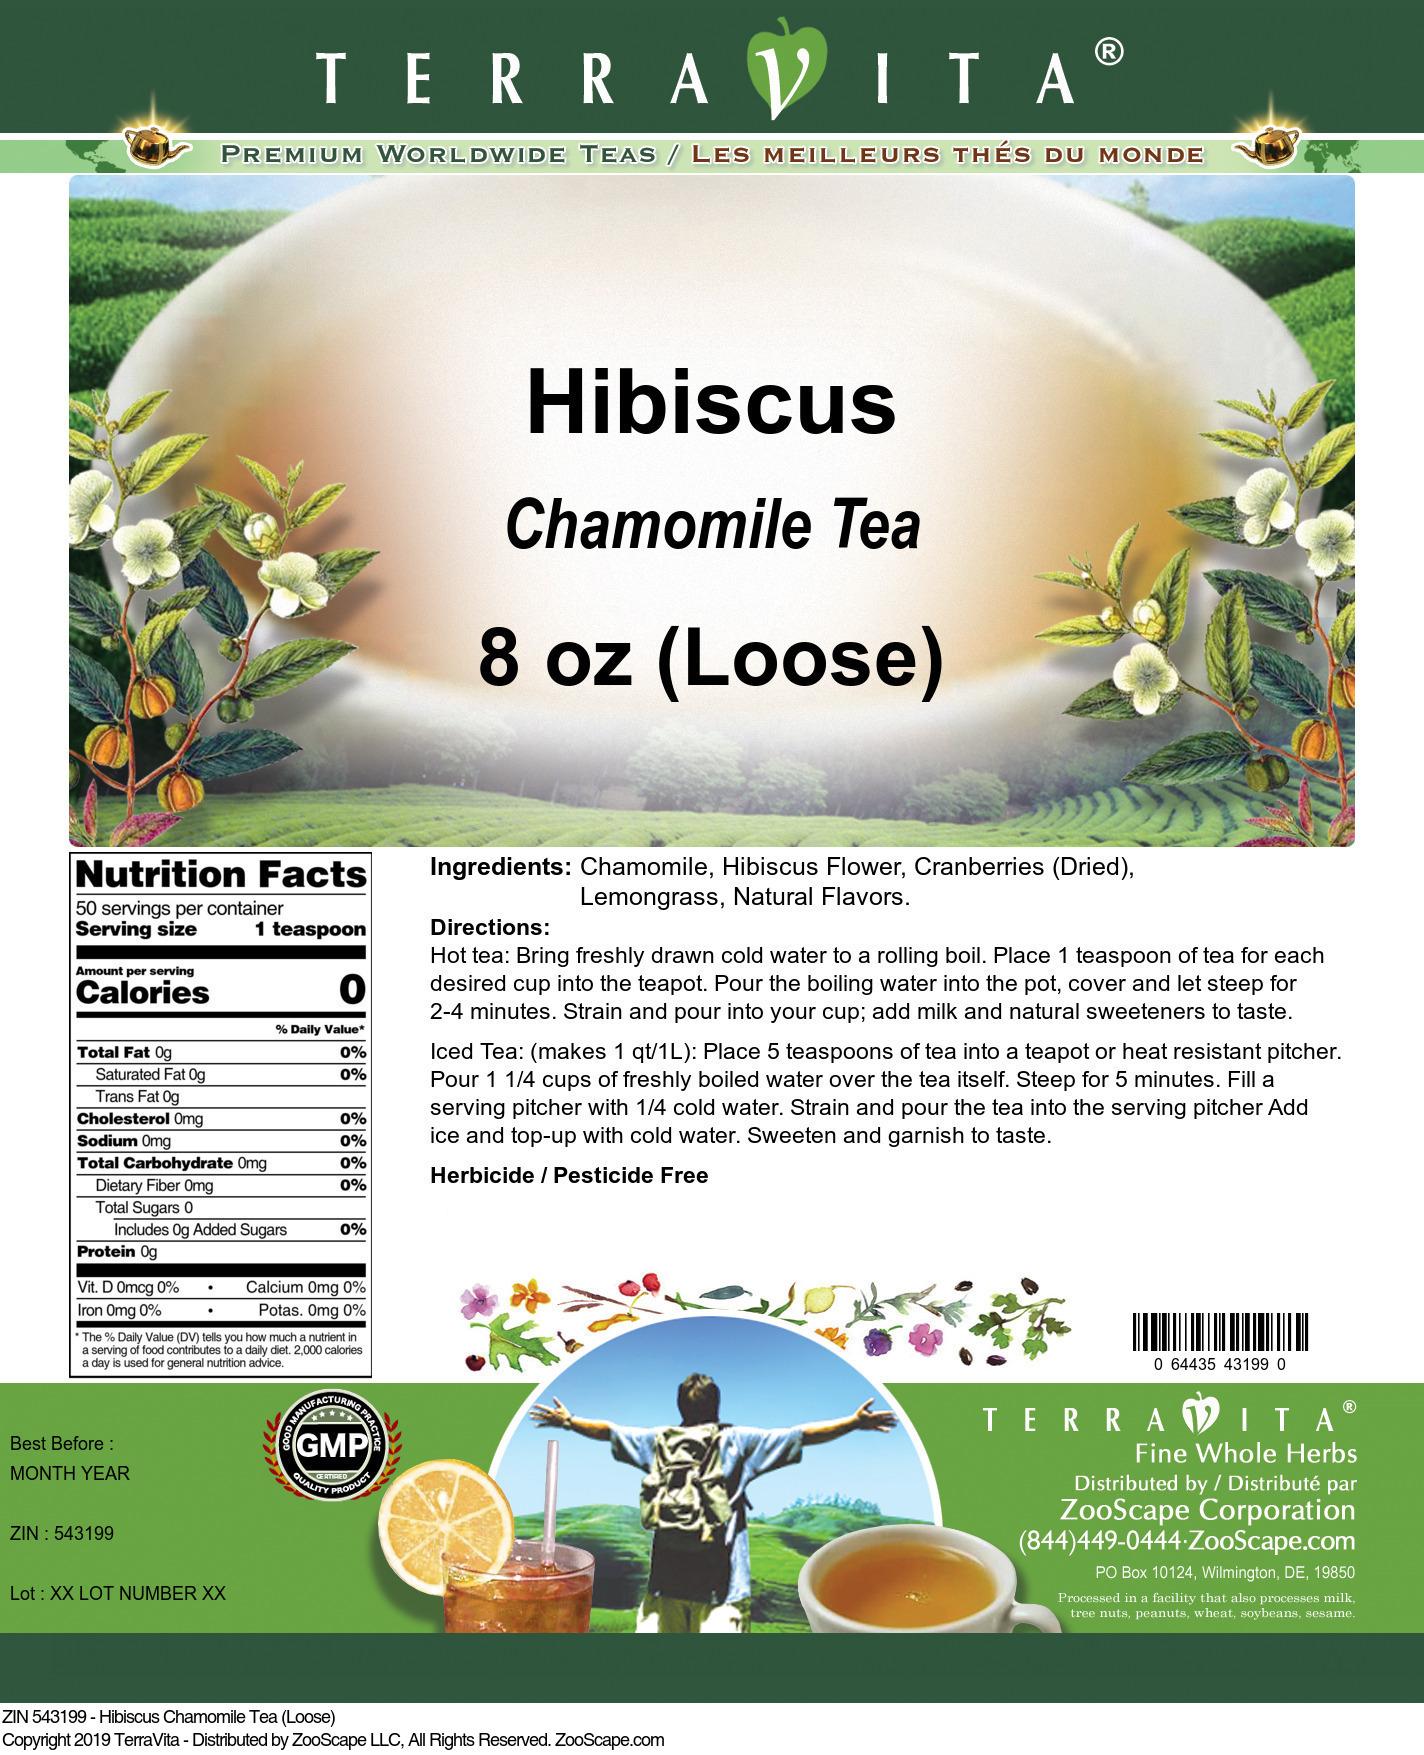 Hibiscus Chamomile Tea